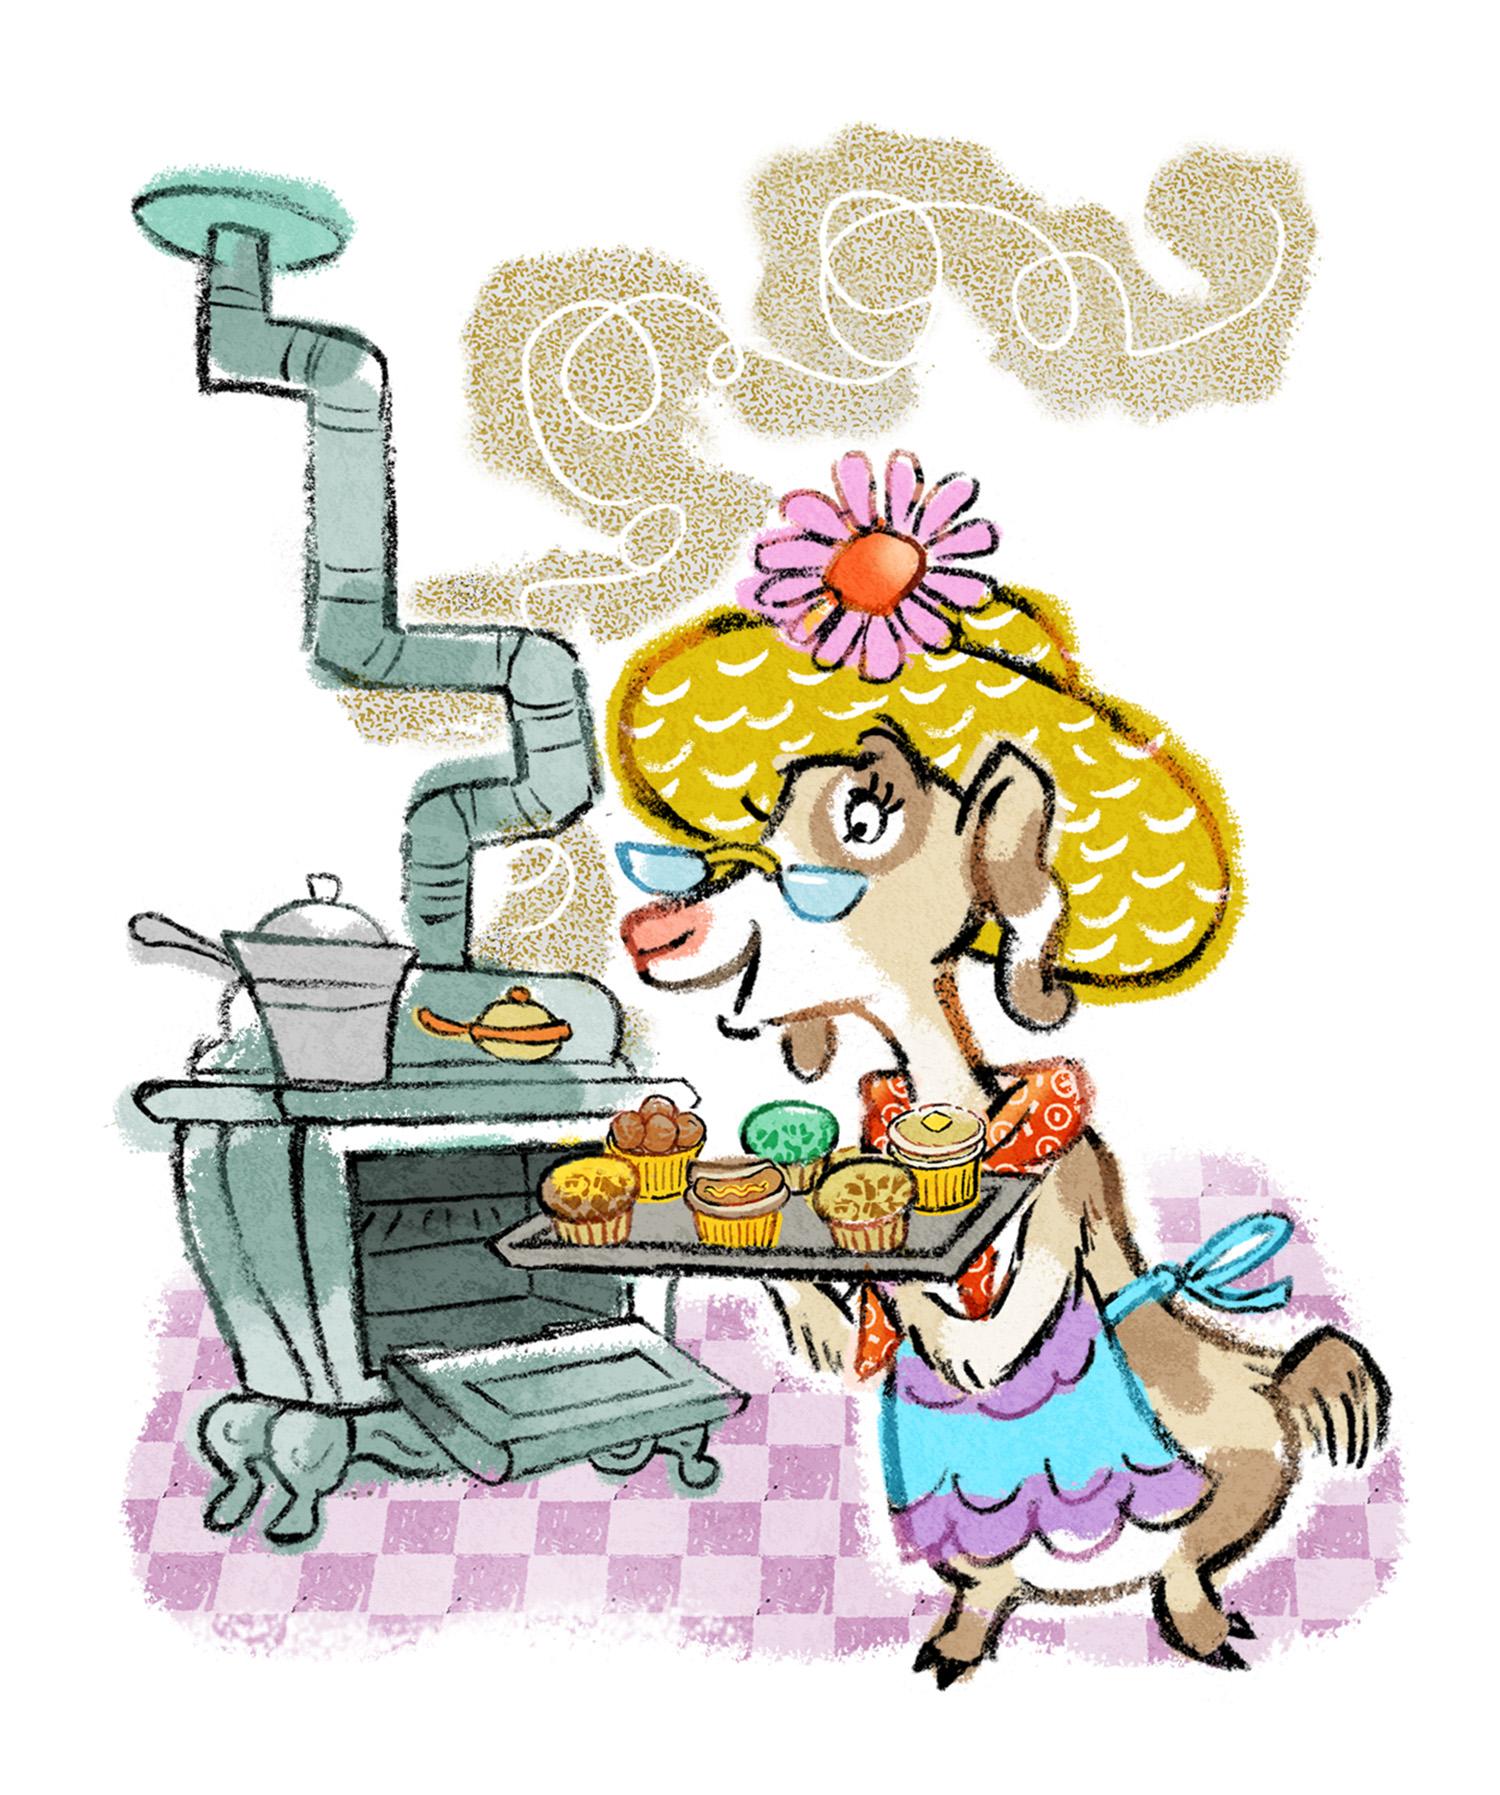 goat baker.jpg